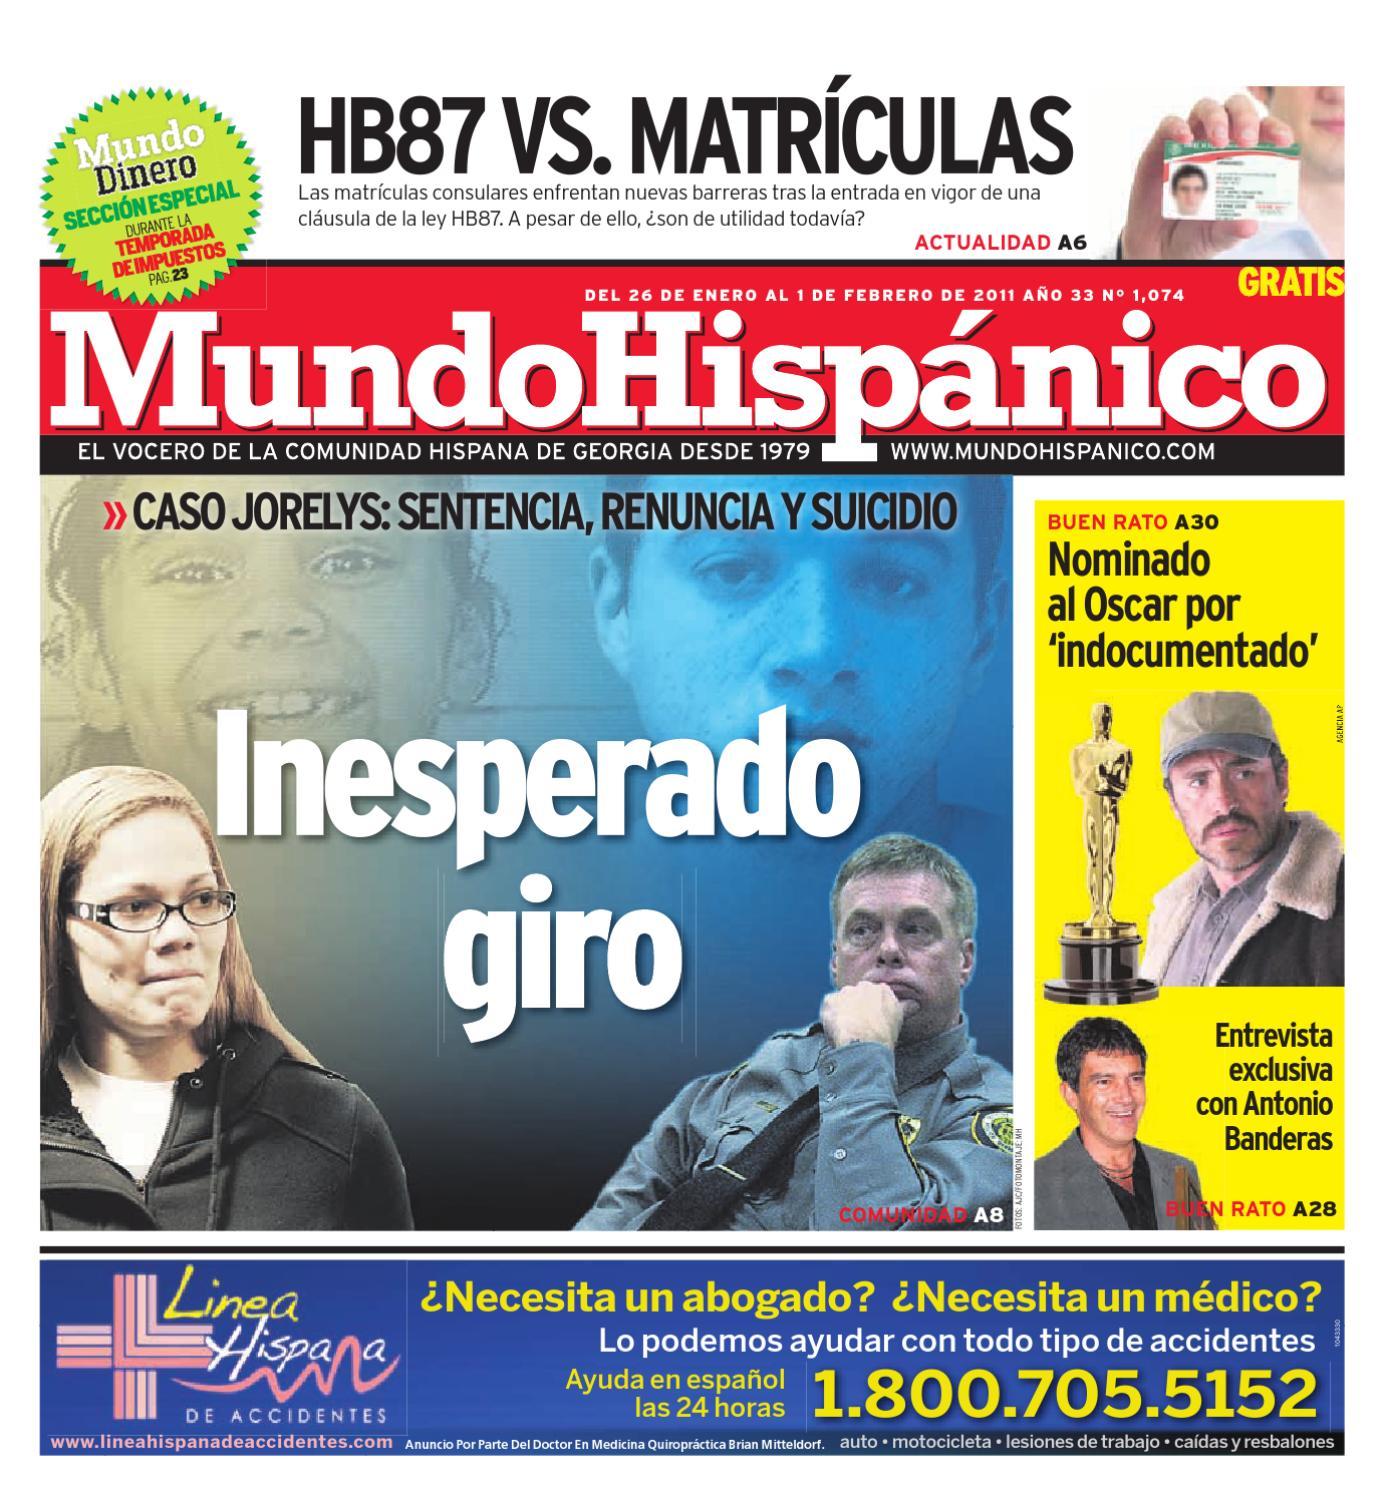 Mundo Hispanico 01-26-12 by MUNDO HISPANICO - issuu